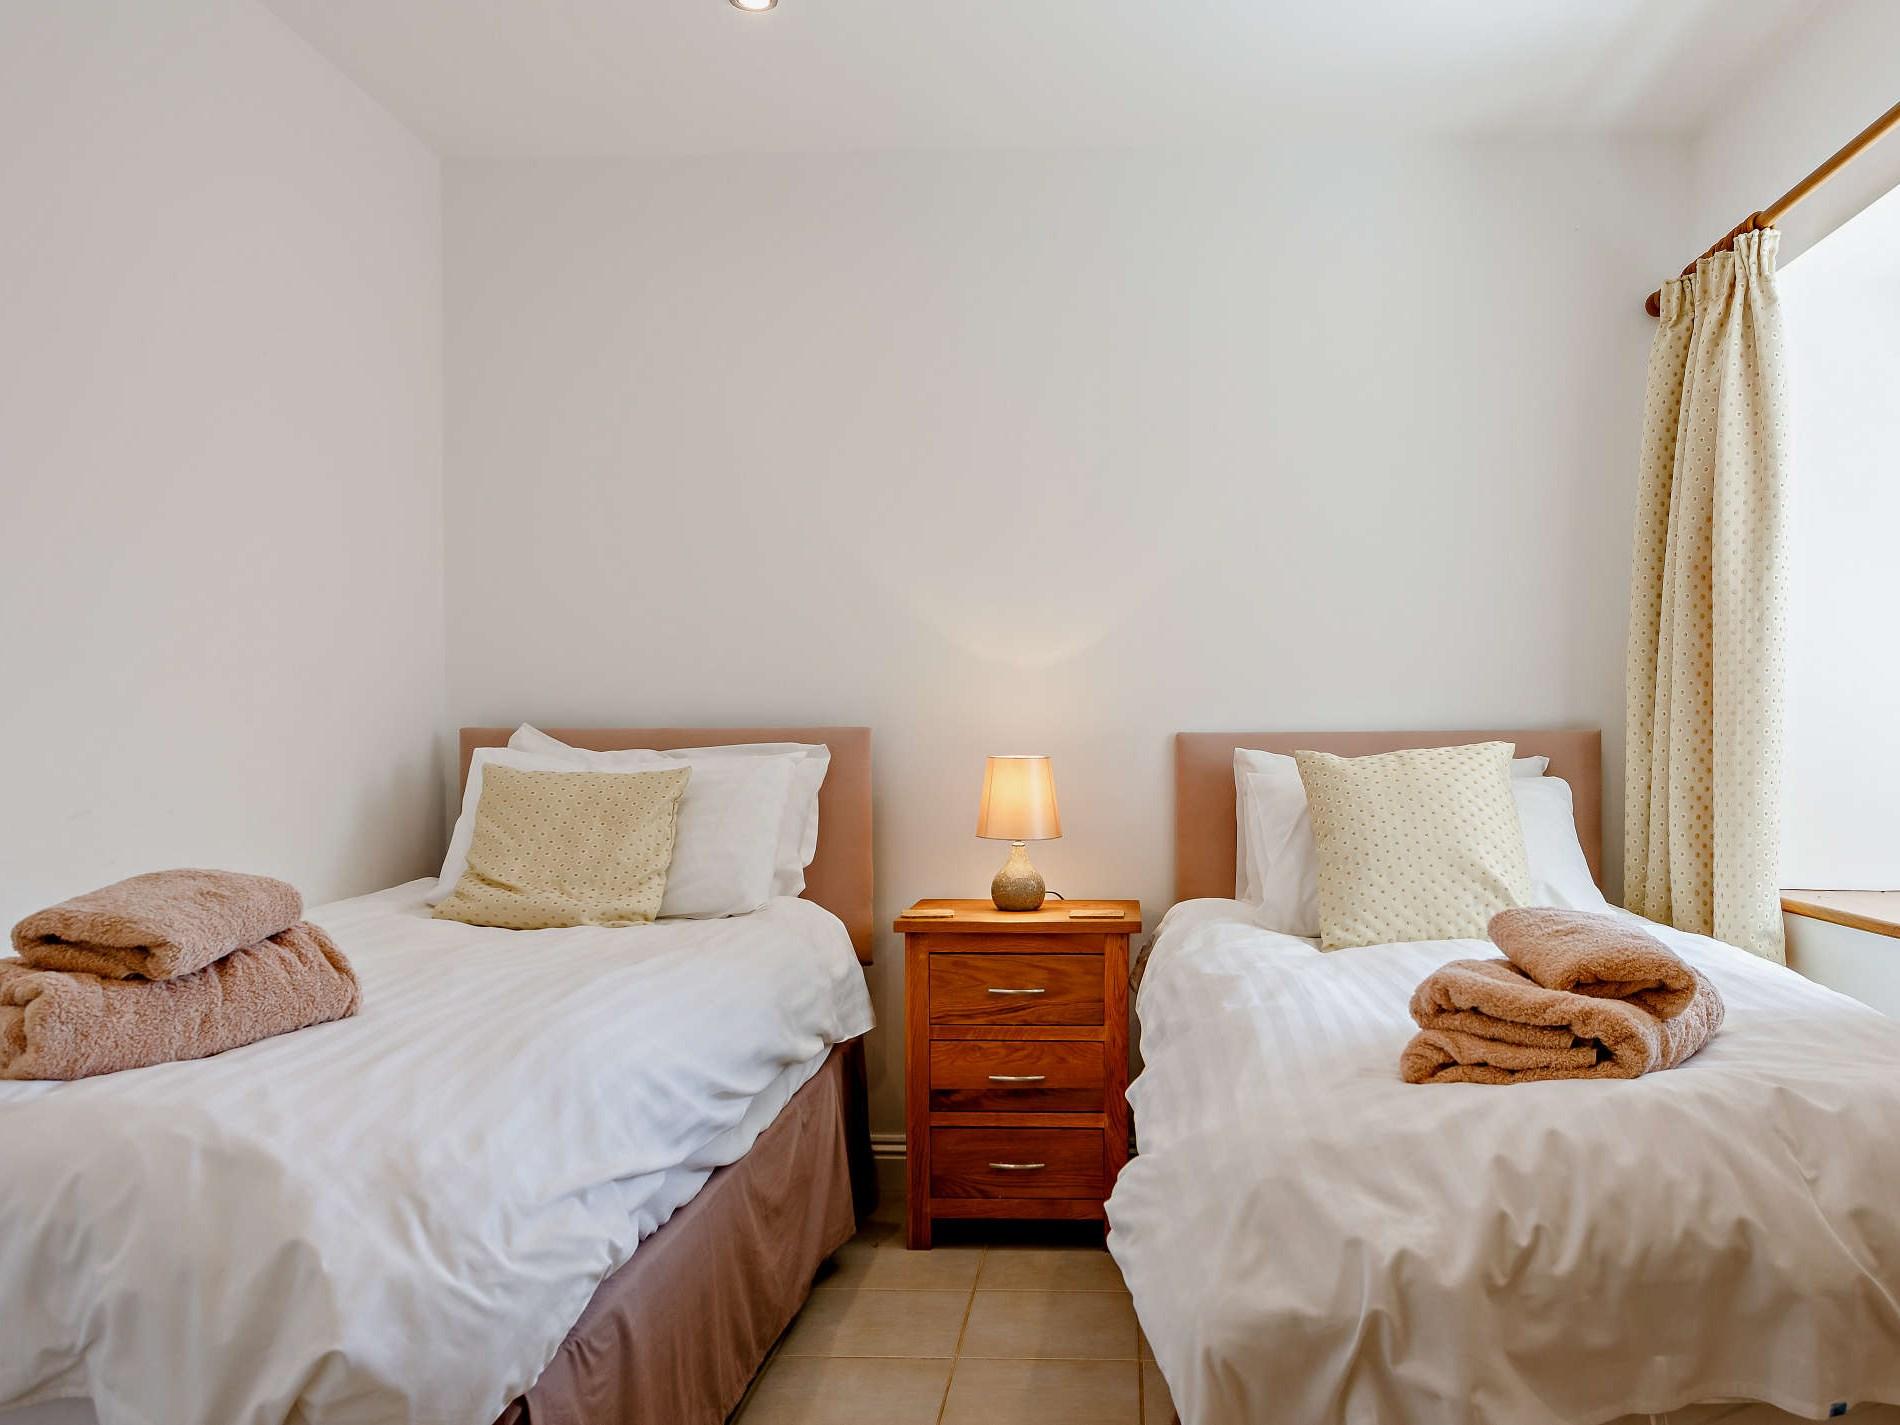 4 Bedroom Barn in Somerset, Dorset and Somerset